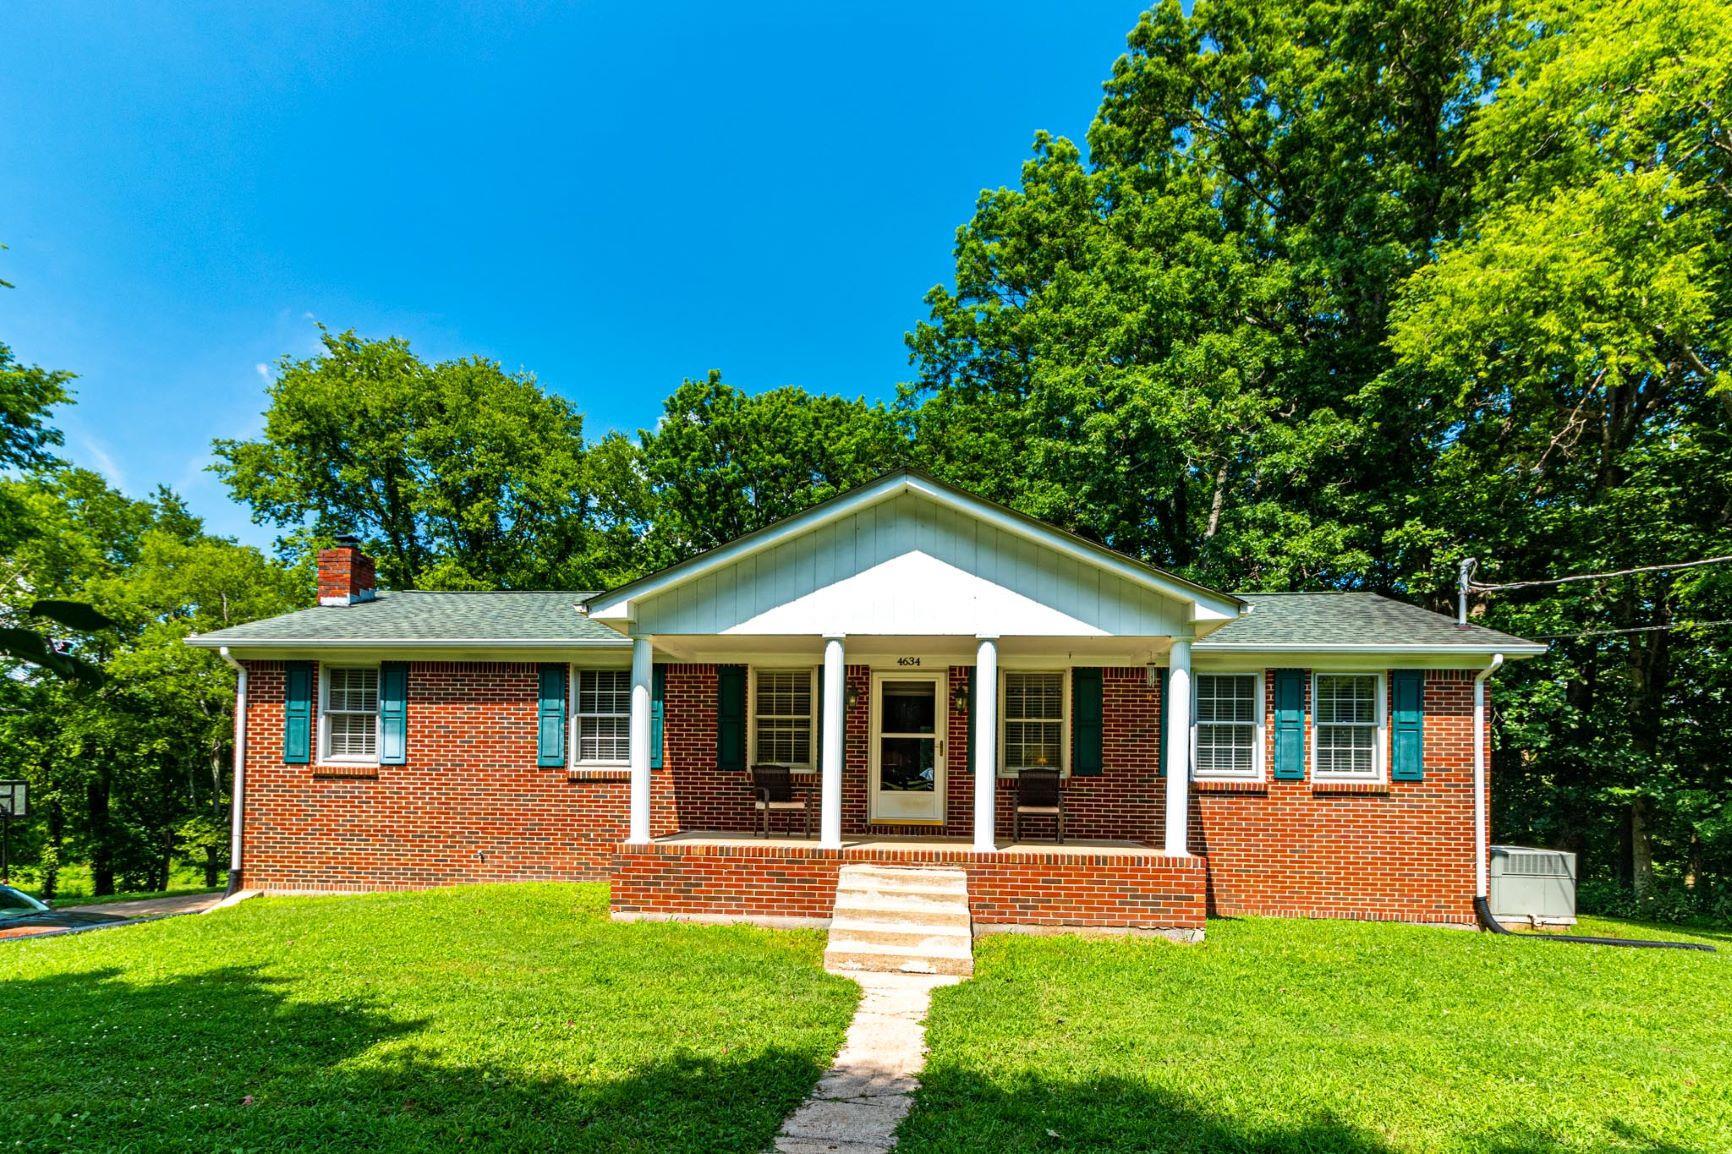 4634 Leipers Creek Rd, Williamsport, TN 38487 - Williamsport, TN real estate listing